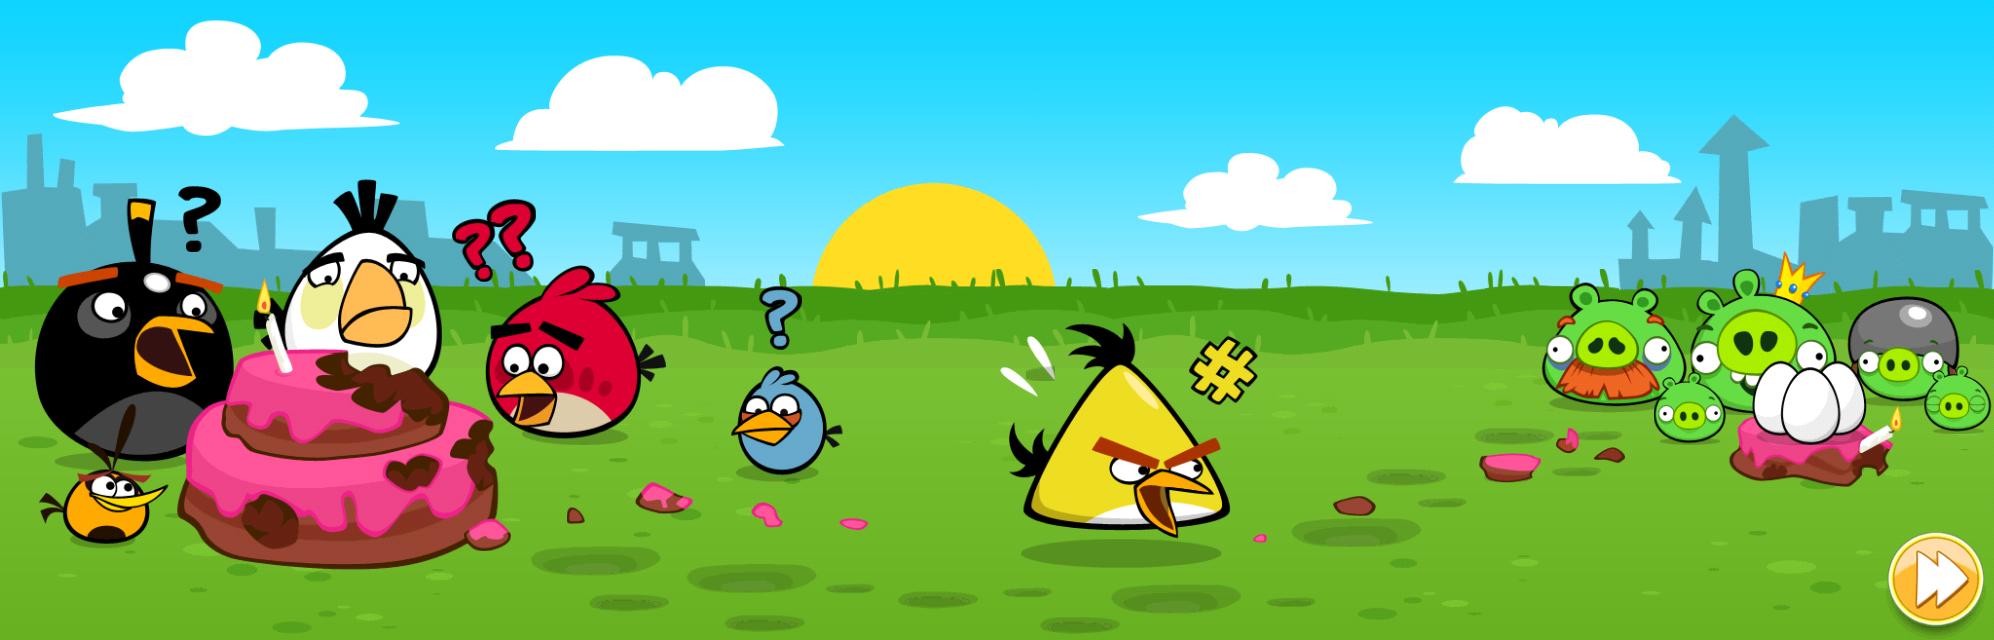 Birdday Party Angry Birds Wiki FANDOM powered by Wikia